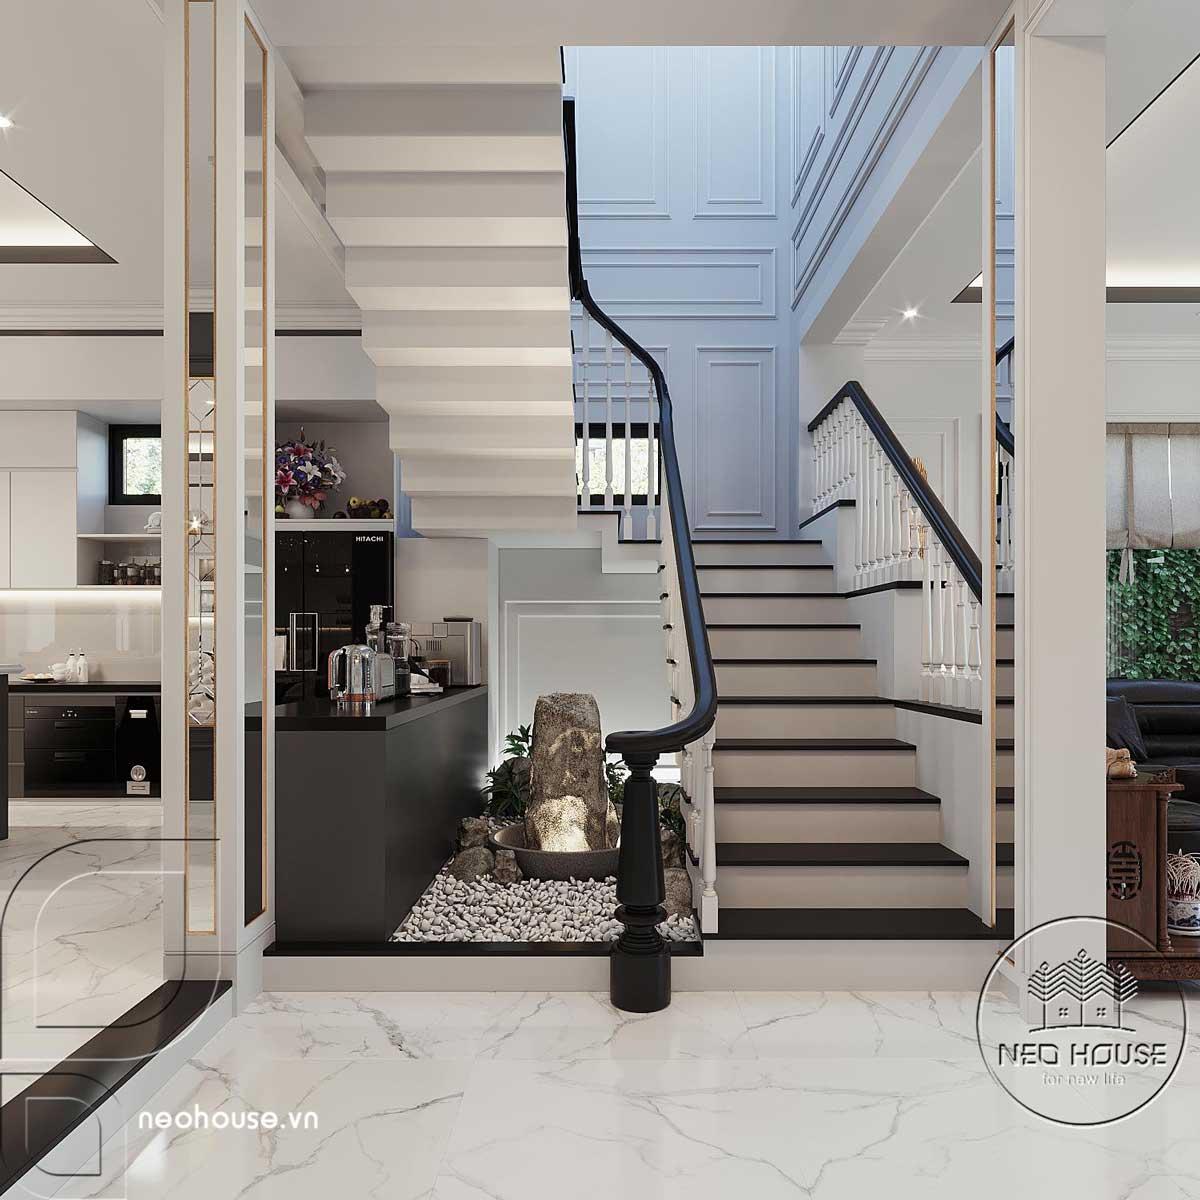 Phối cảnh thiết kế nội thất biệt thự tân cổ điển đẹp 4 tầng cho cầu thang thông tầng